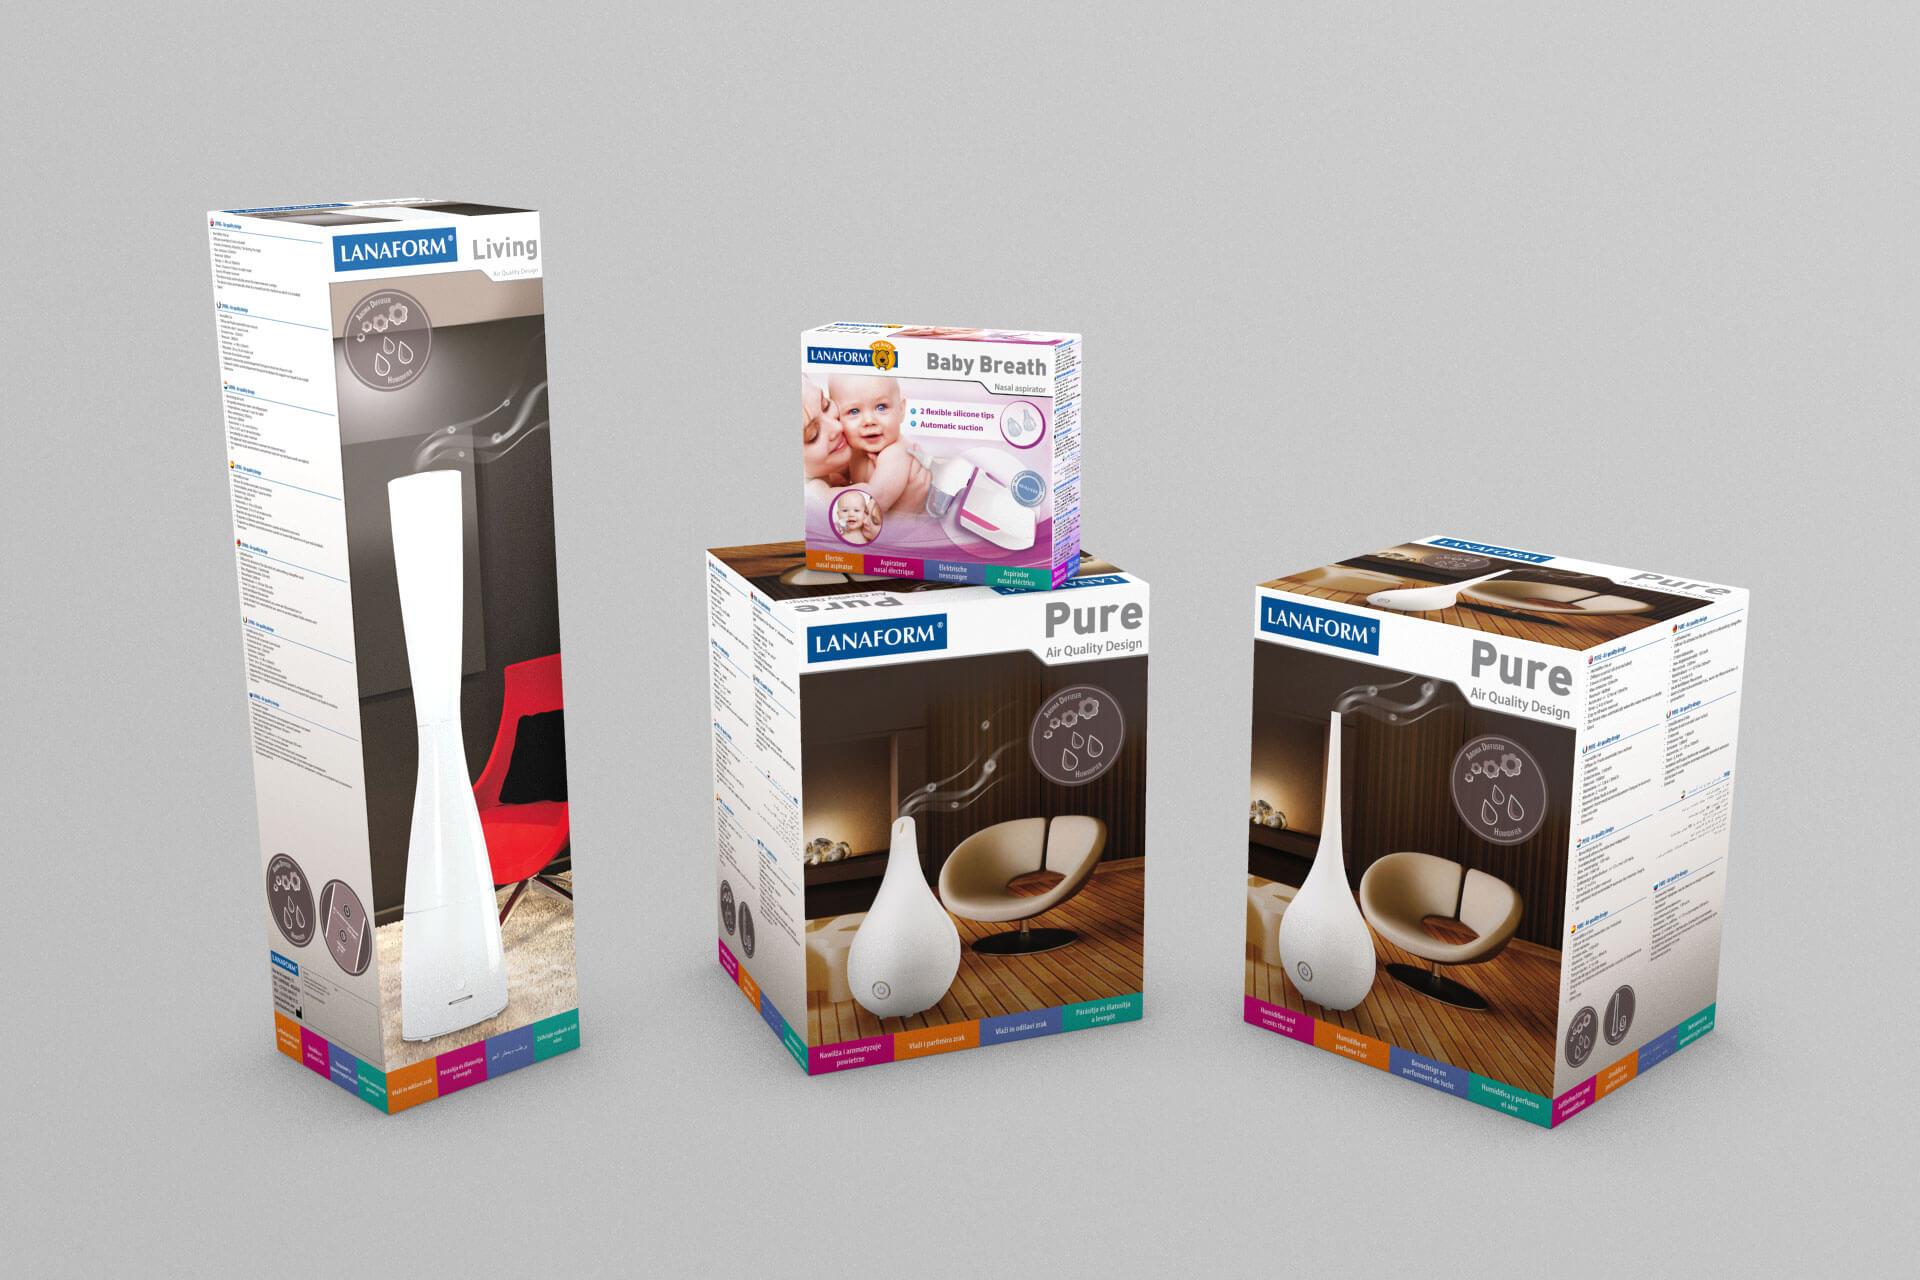 Lanaform Packaging 0